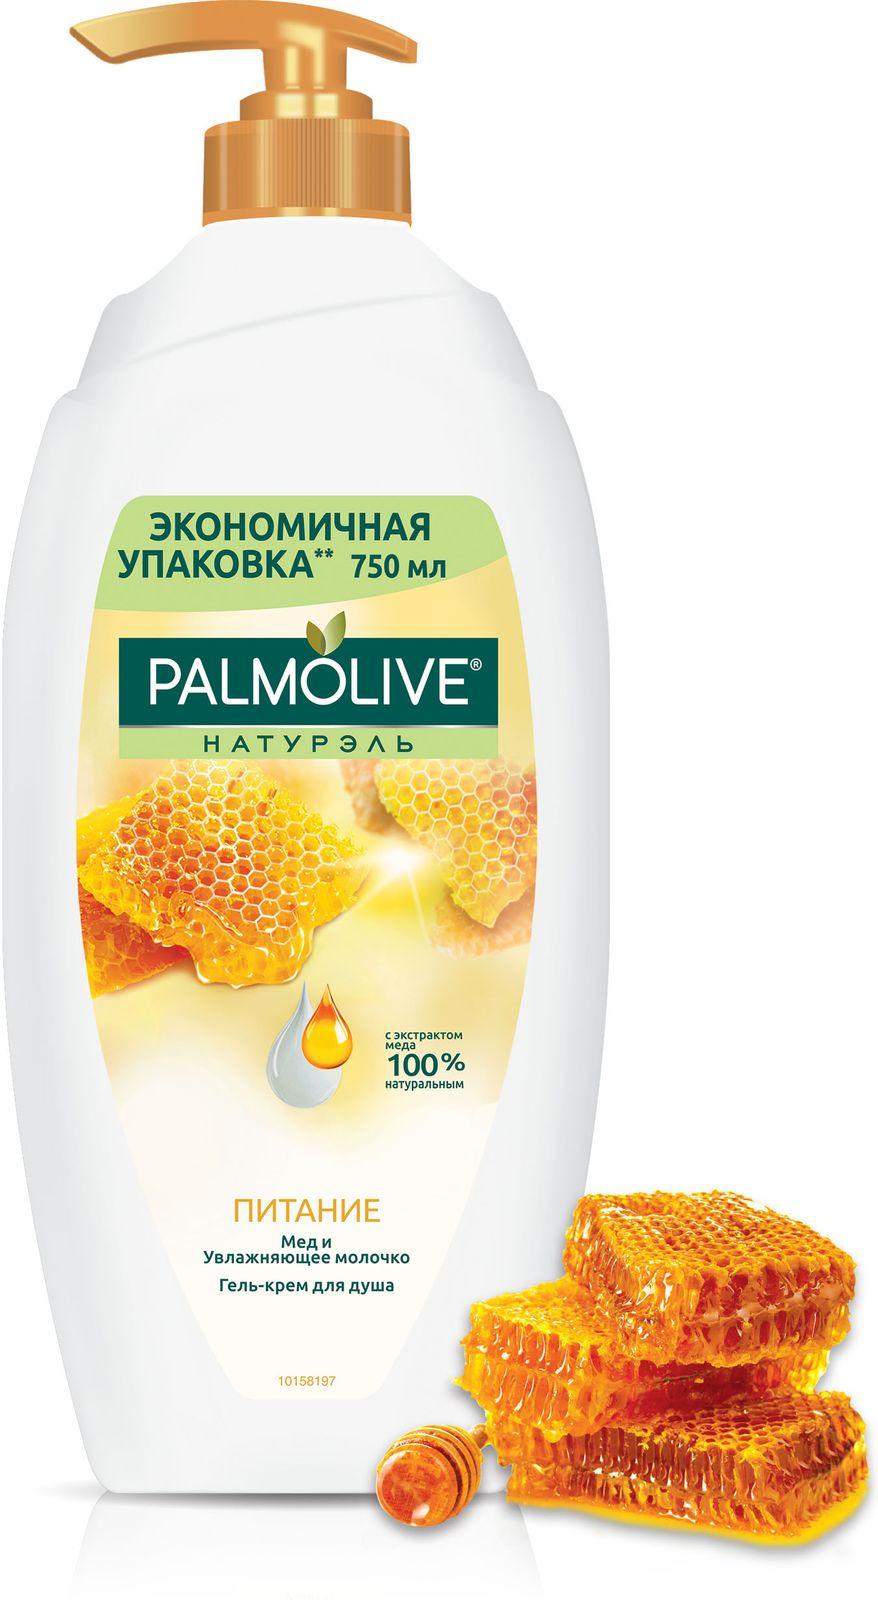 Гель-крем для душа Palmolive Питание, 750 мл palmolive гель крем для душа натурэль роскошная мягкость черная орхидея и увлажняющее молочко 750 мл